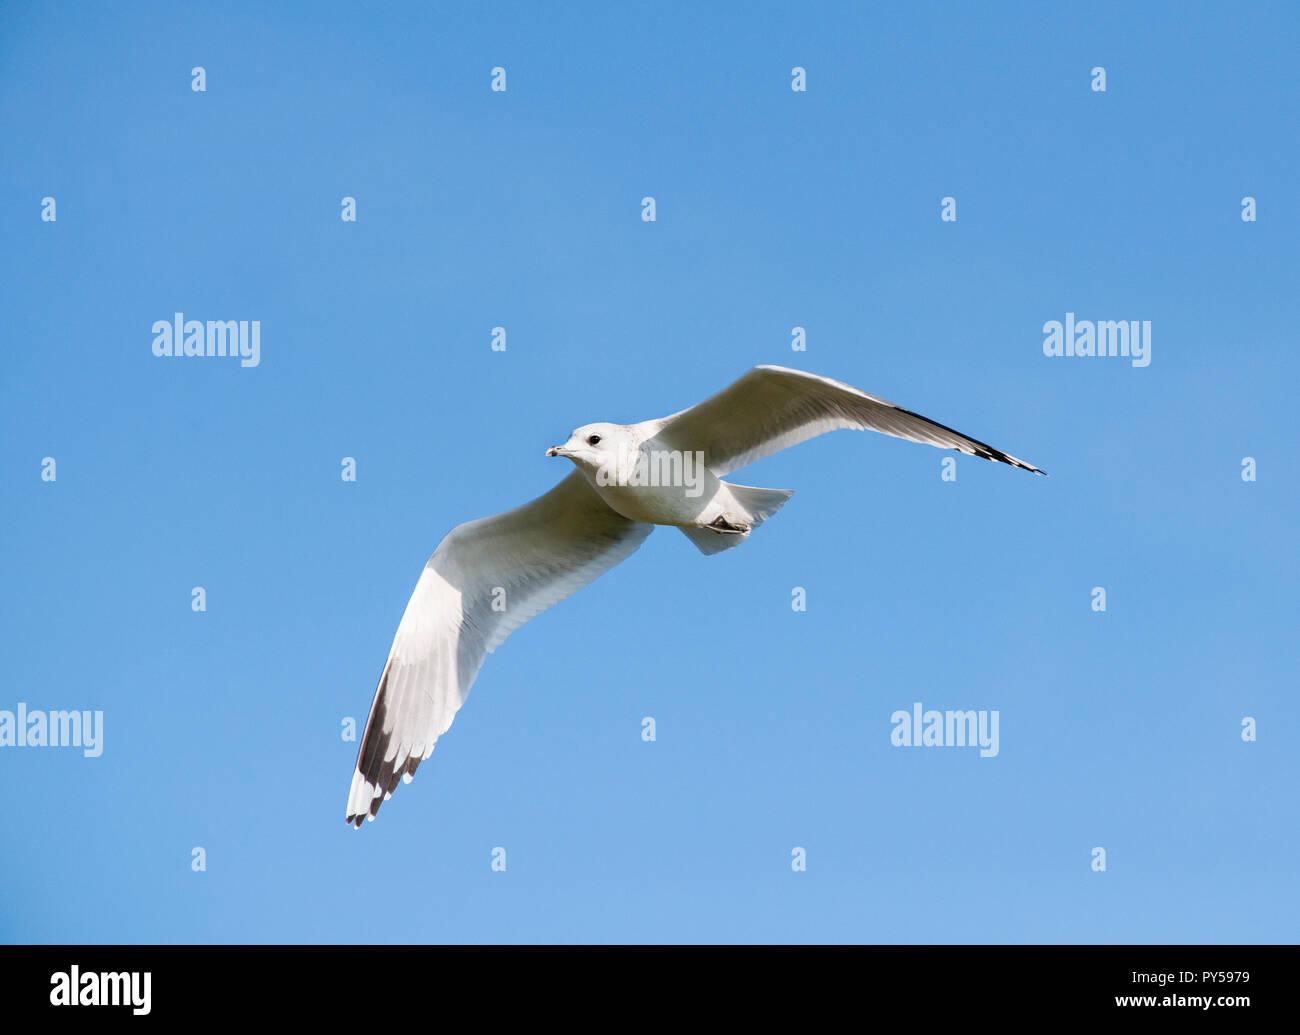 Common Gull, Larus canus, in flight over Brent Reservoir, Brent, London, United Kingdom - Stock Image